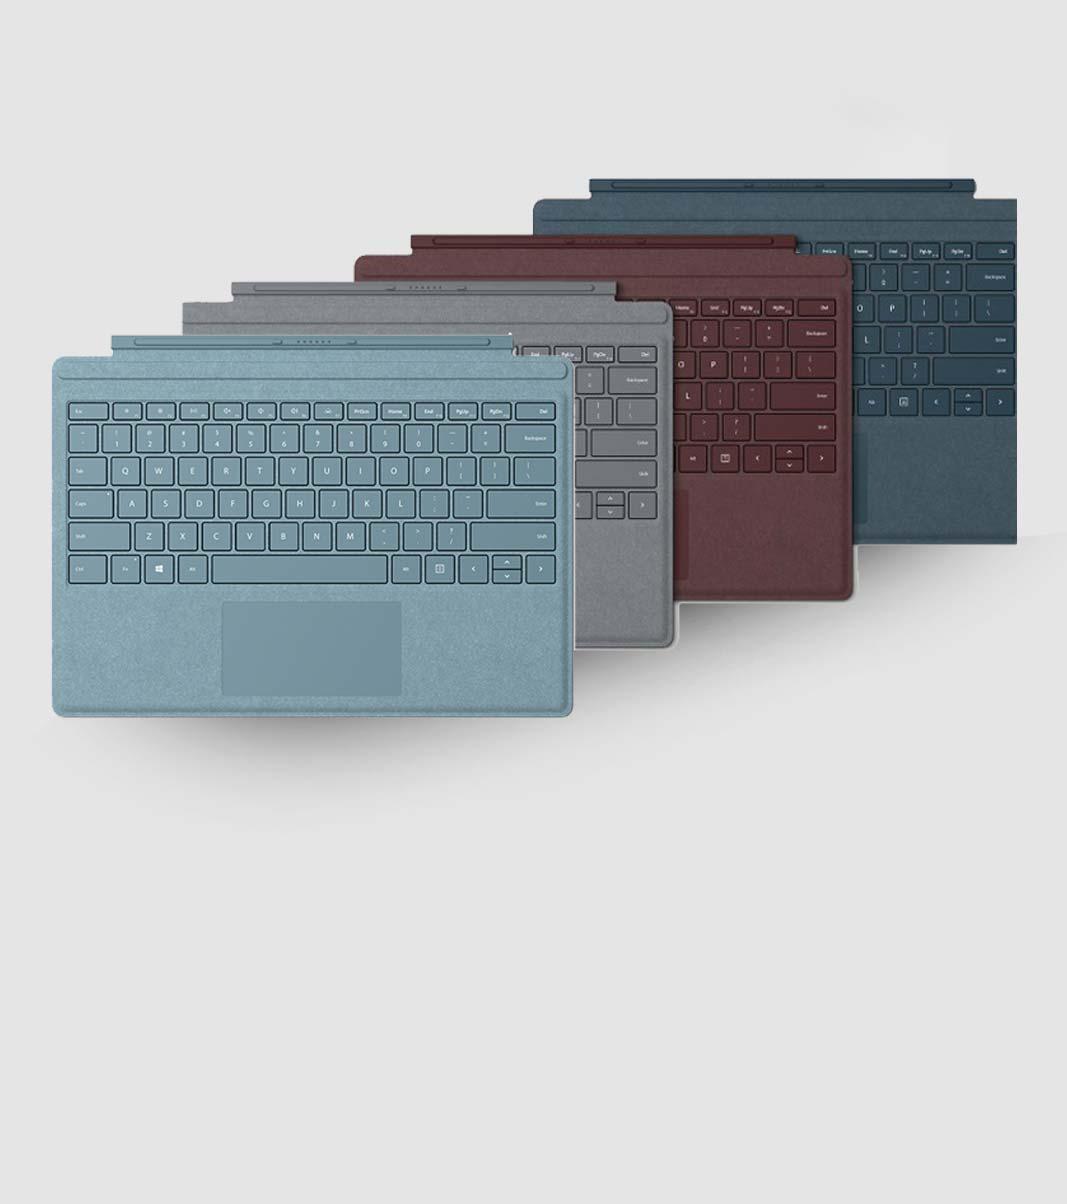 surface alcantara keyboard